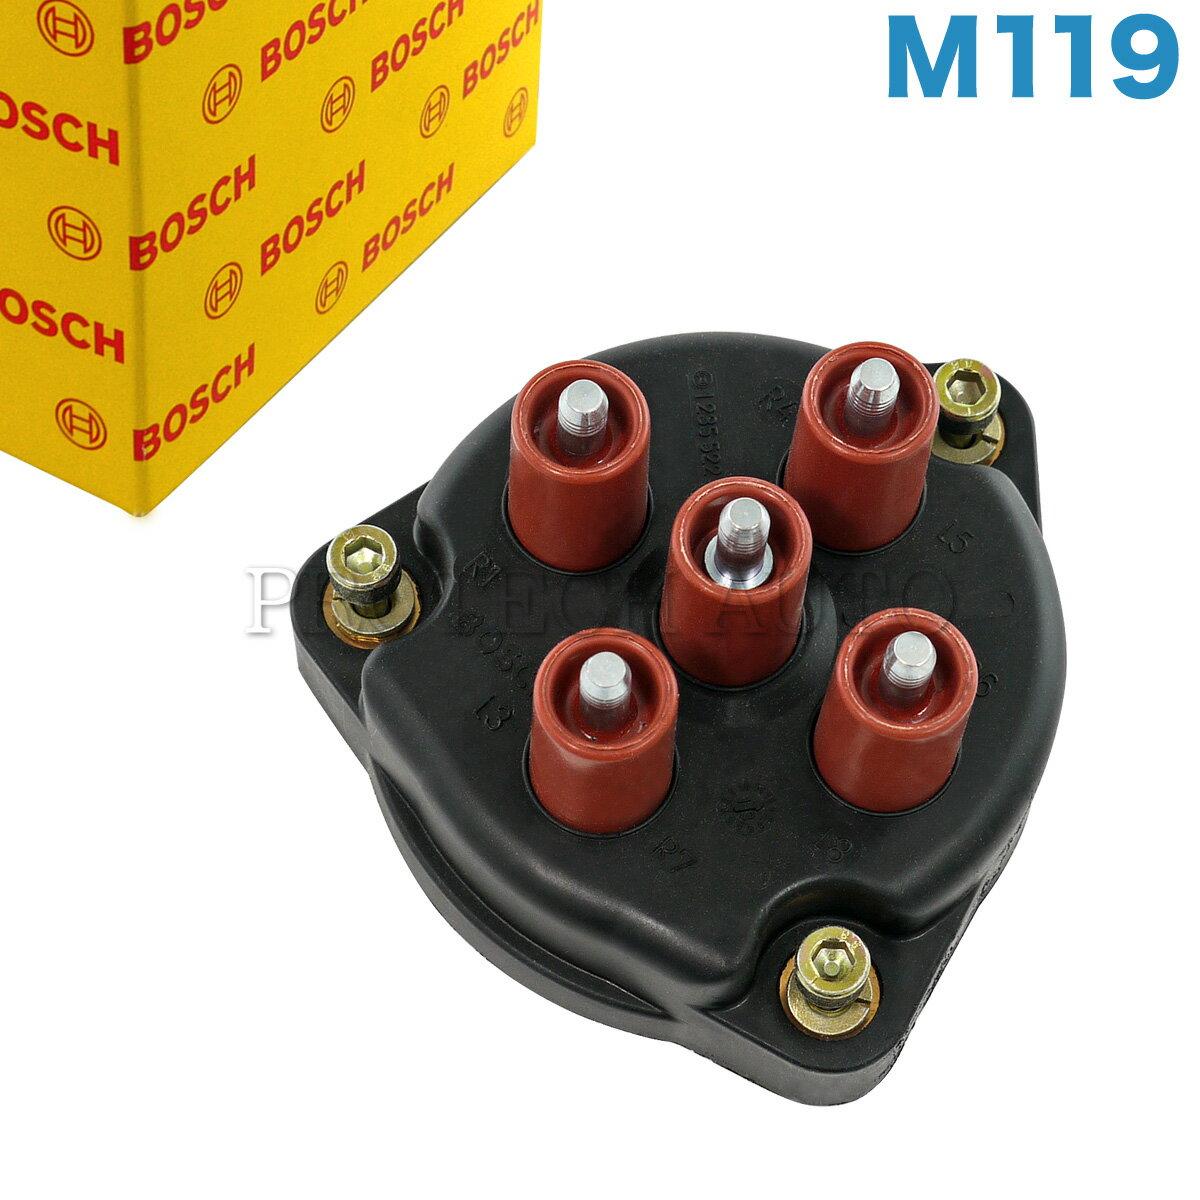 BOSCH製 ベンツ R129 SLクラス ディストリビューターキャップ M119 V8エンジン 1191580102 1235522430 500SL SL500【あす楽対応】